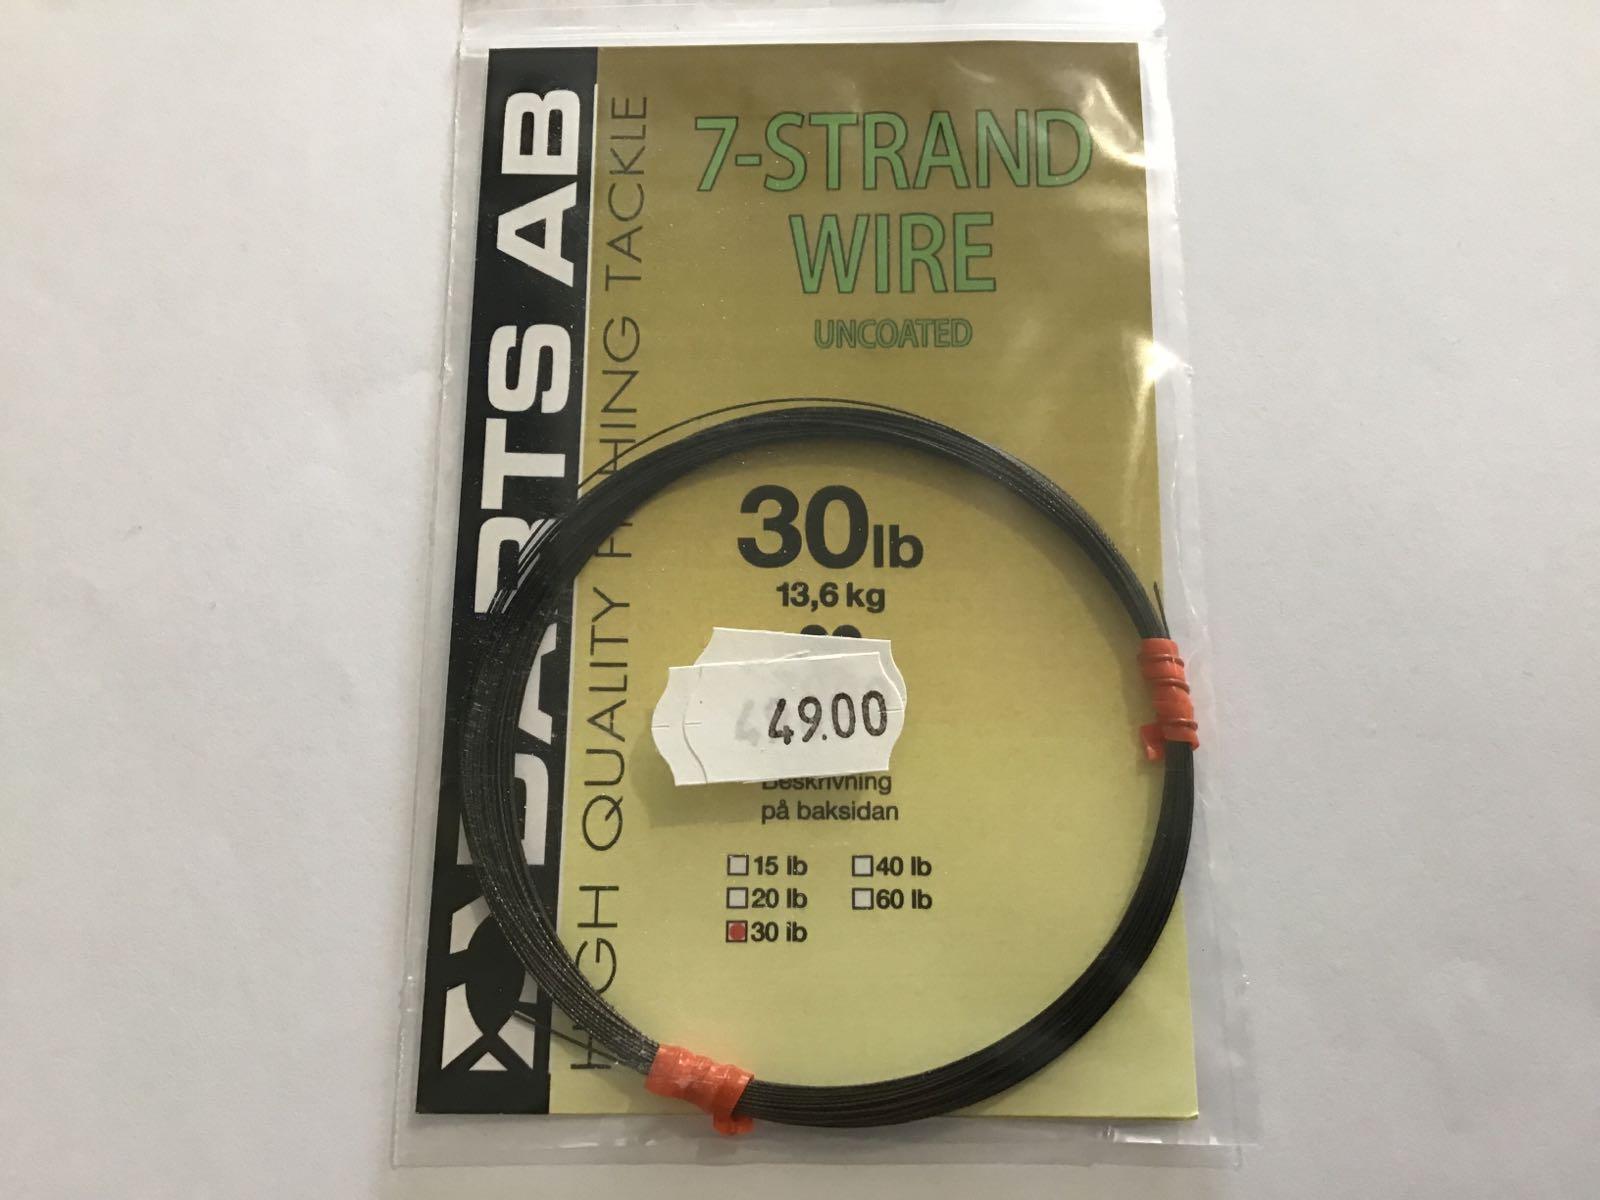 Darts 7-strand wire 30lb